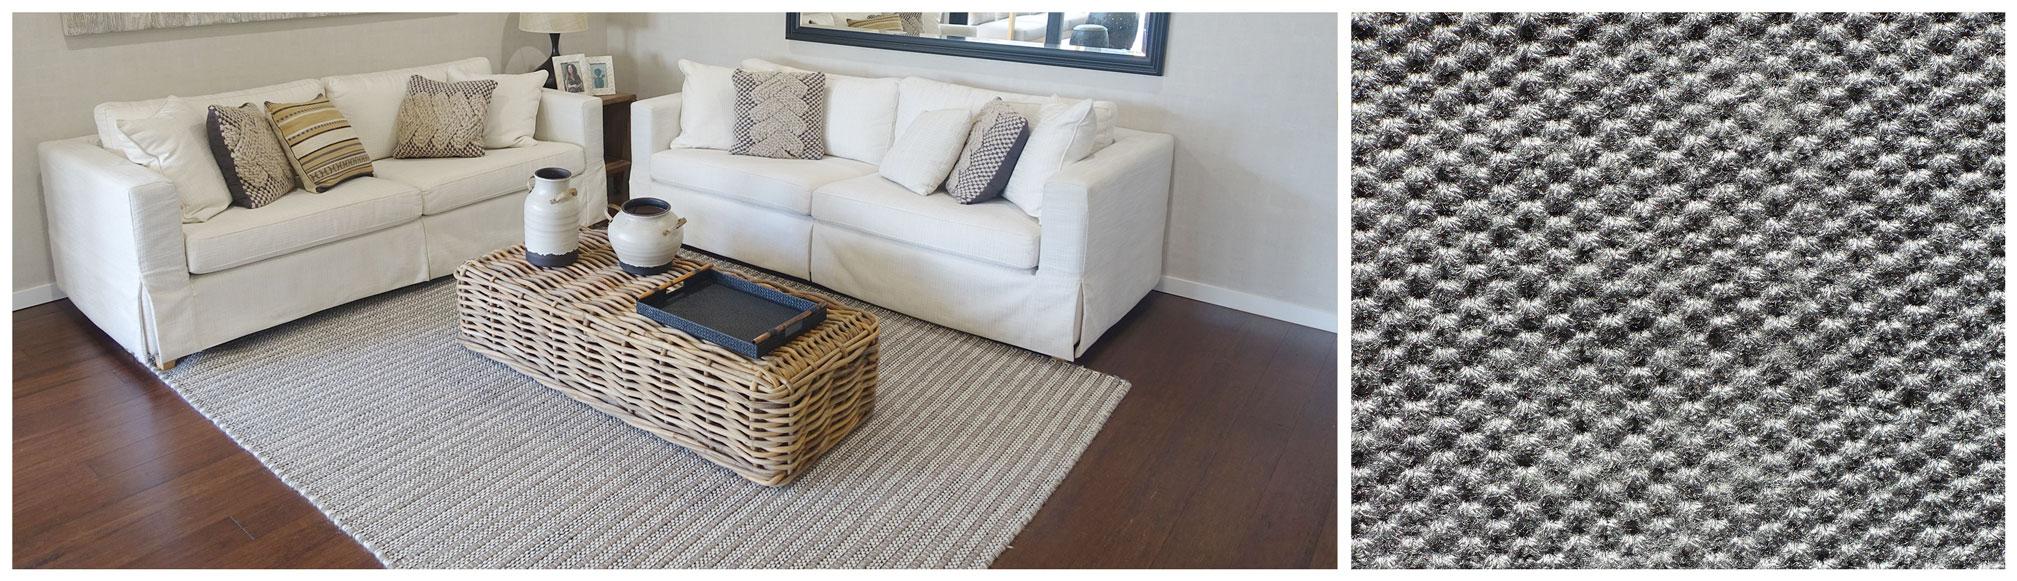 Frühjahrsputz: Ökologische Reinigung für Ihre Teppiche und ...